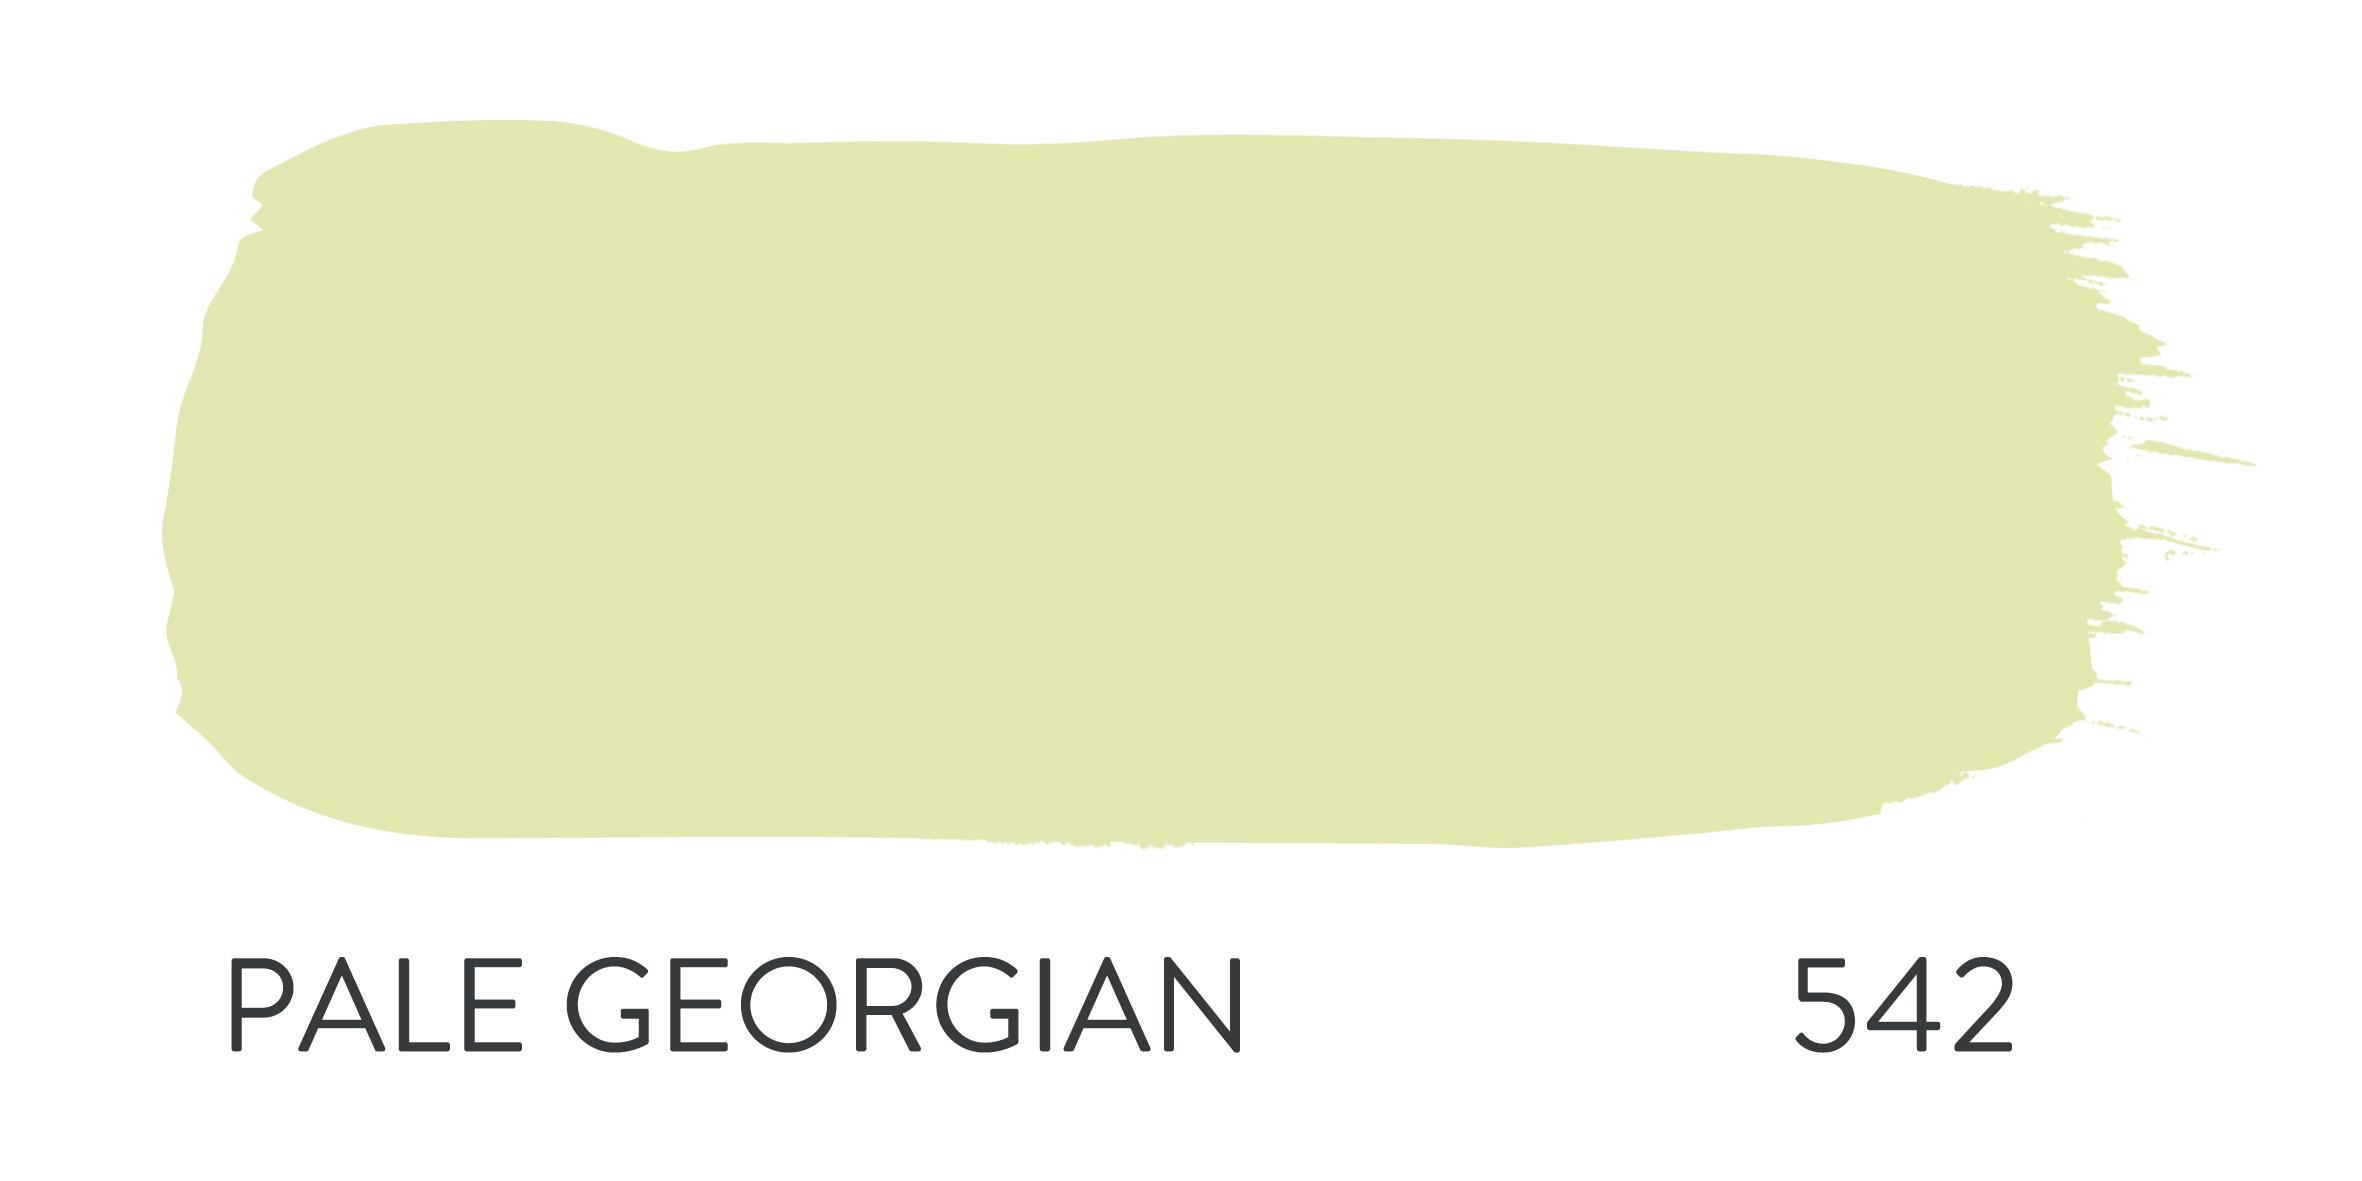 PALE GEORGIAN 542.jpg